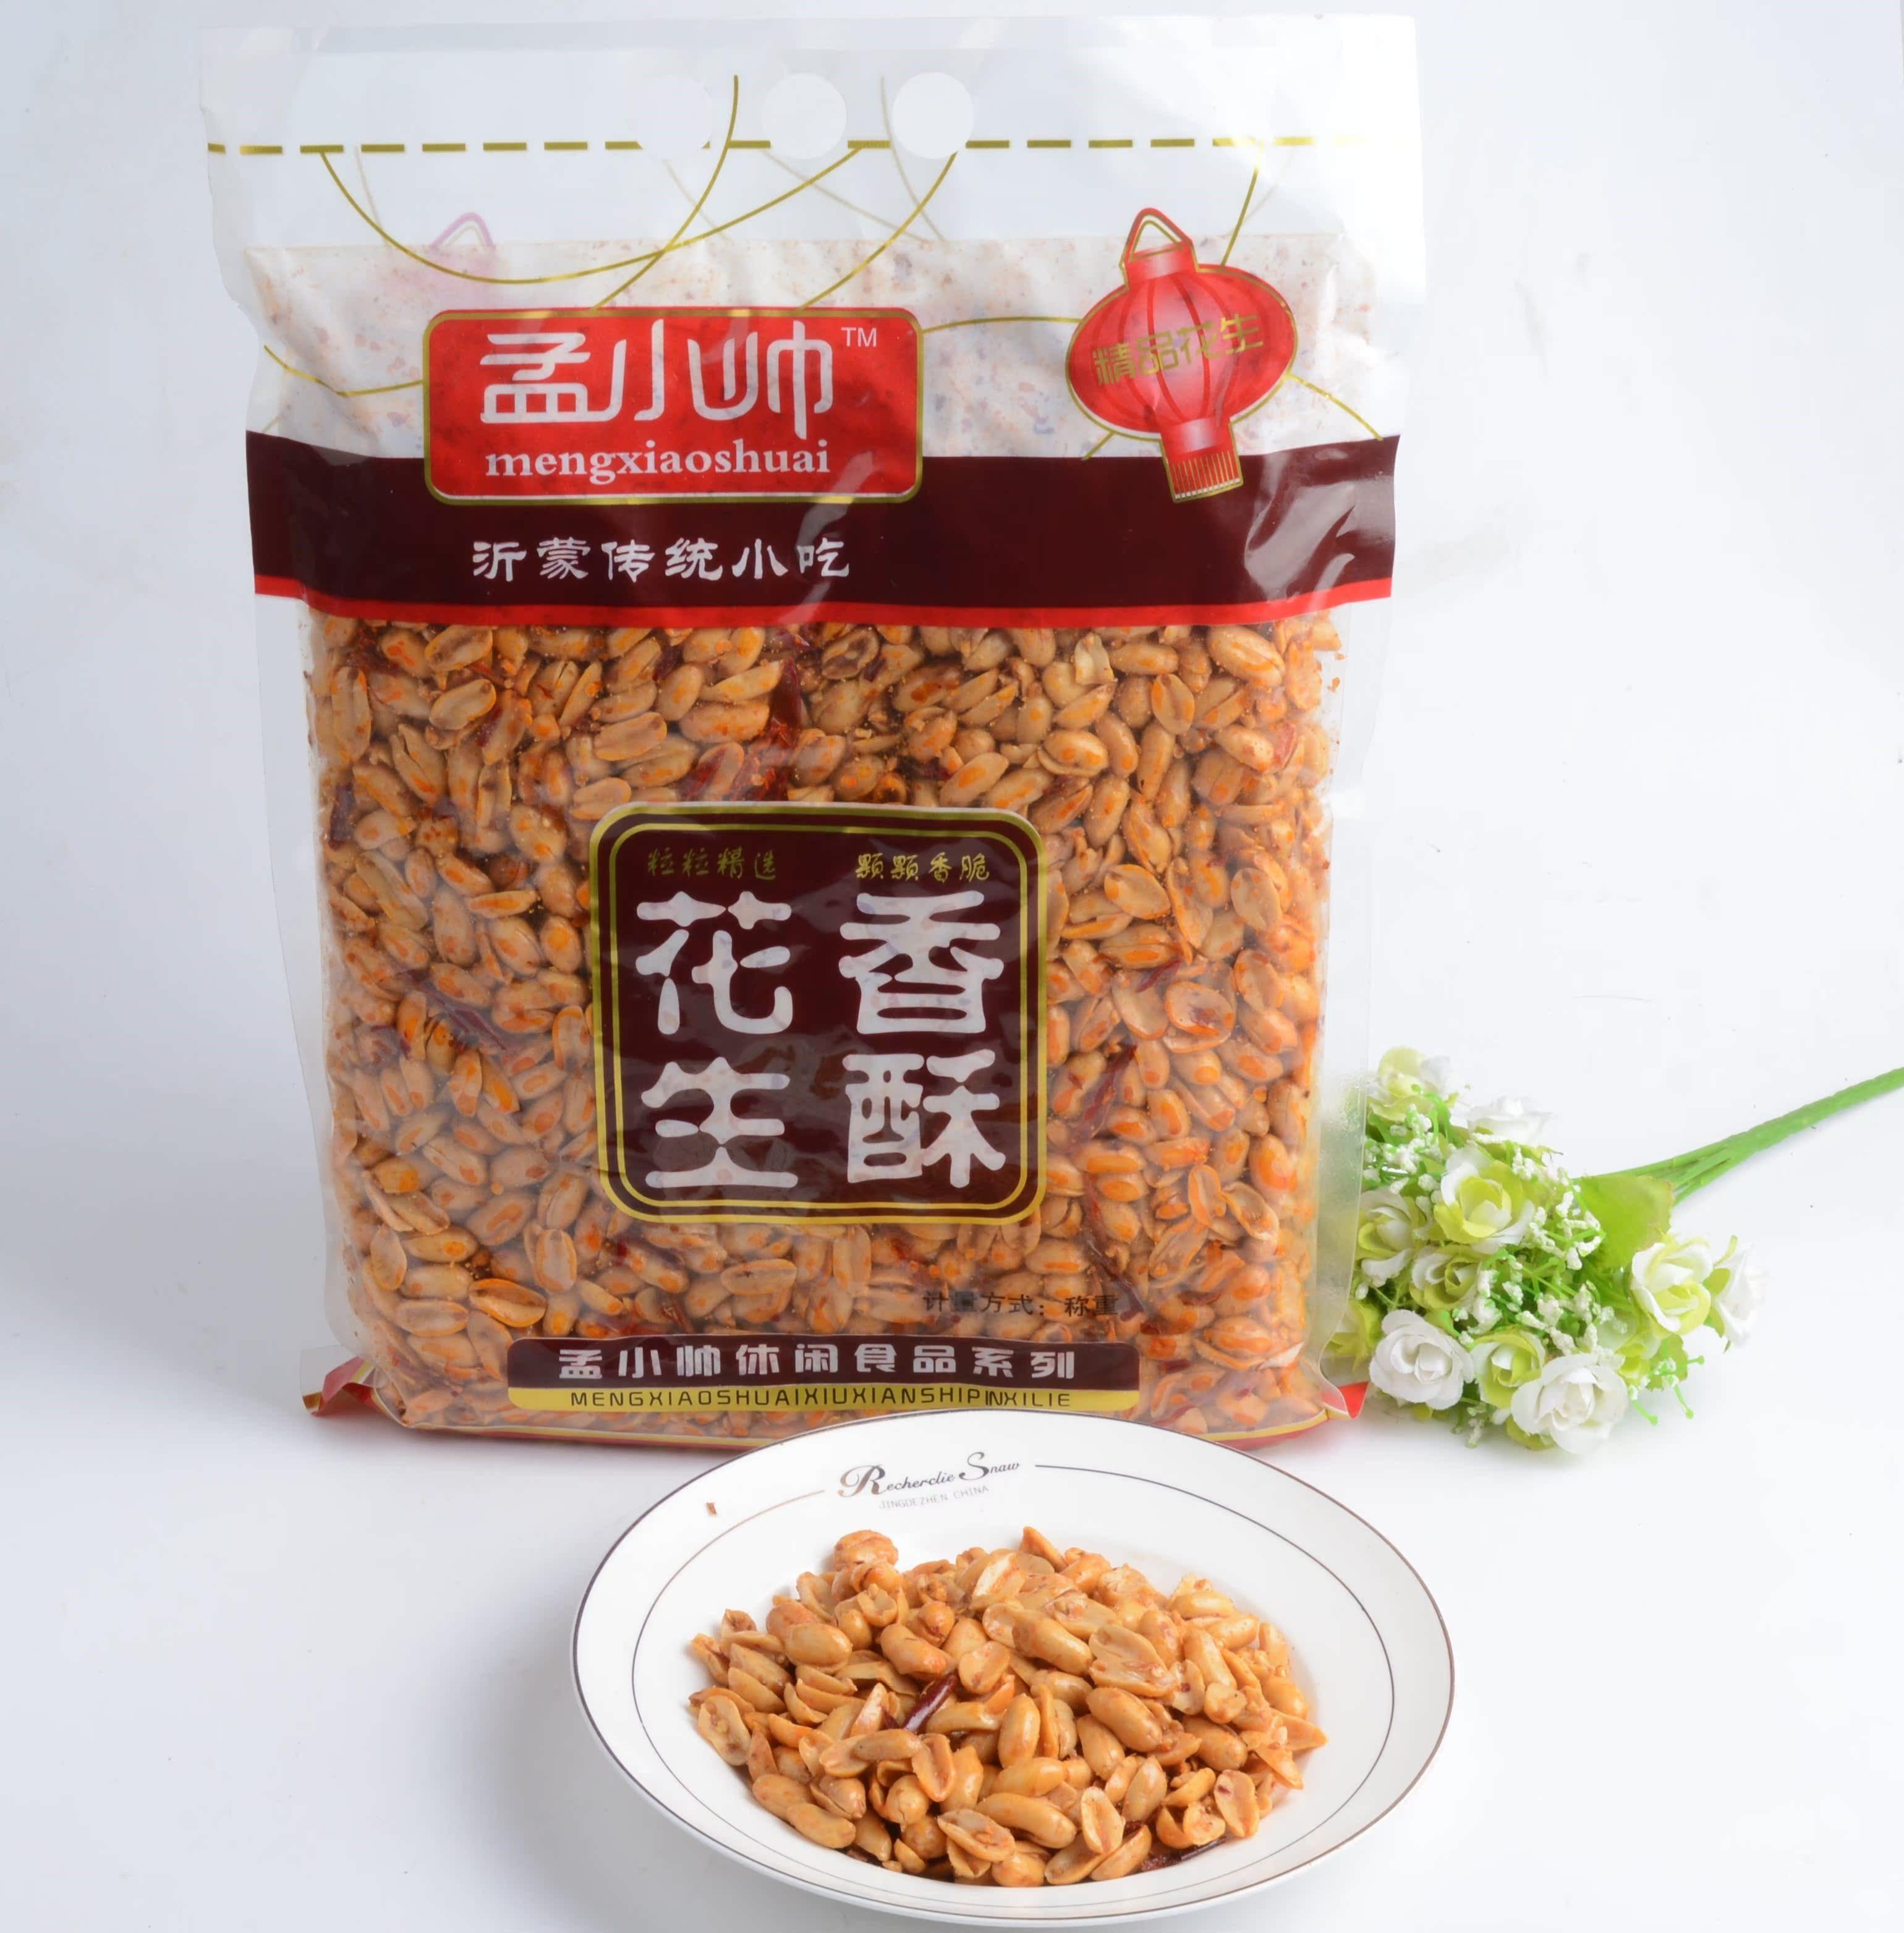 花生米 炒货 大包 酒鬼 油炸 花生 零食 椒盐 麻辣